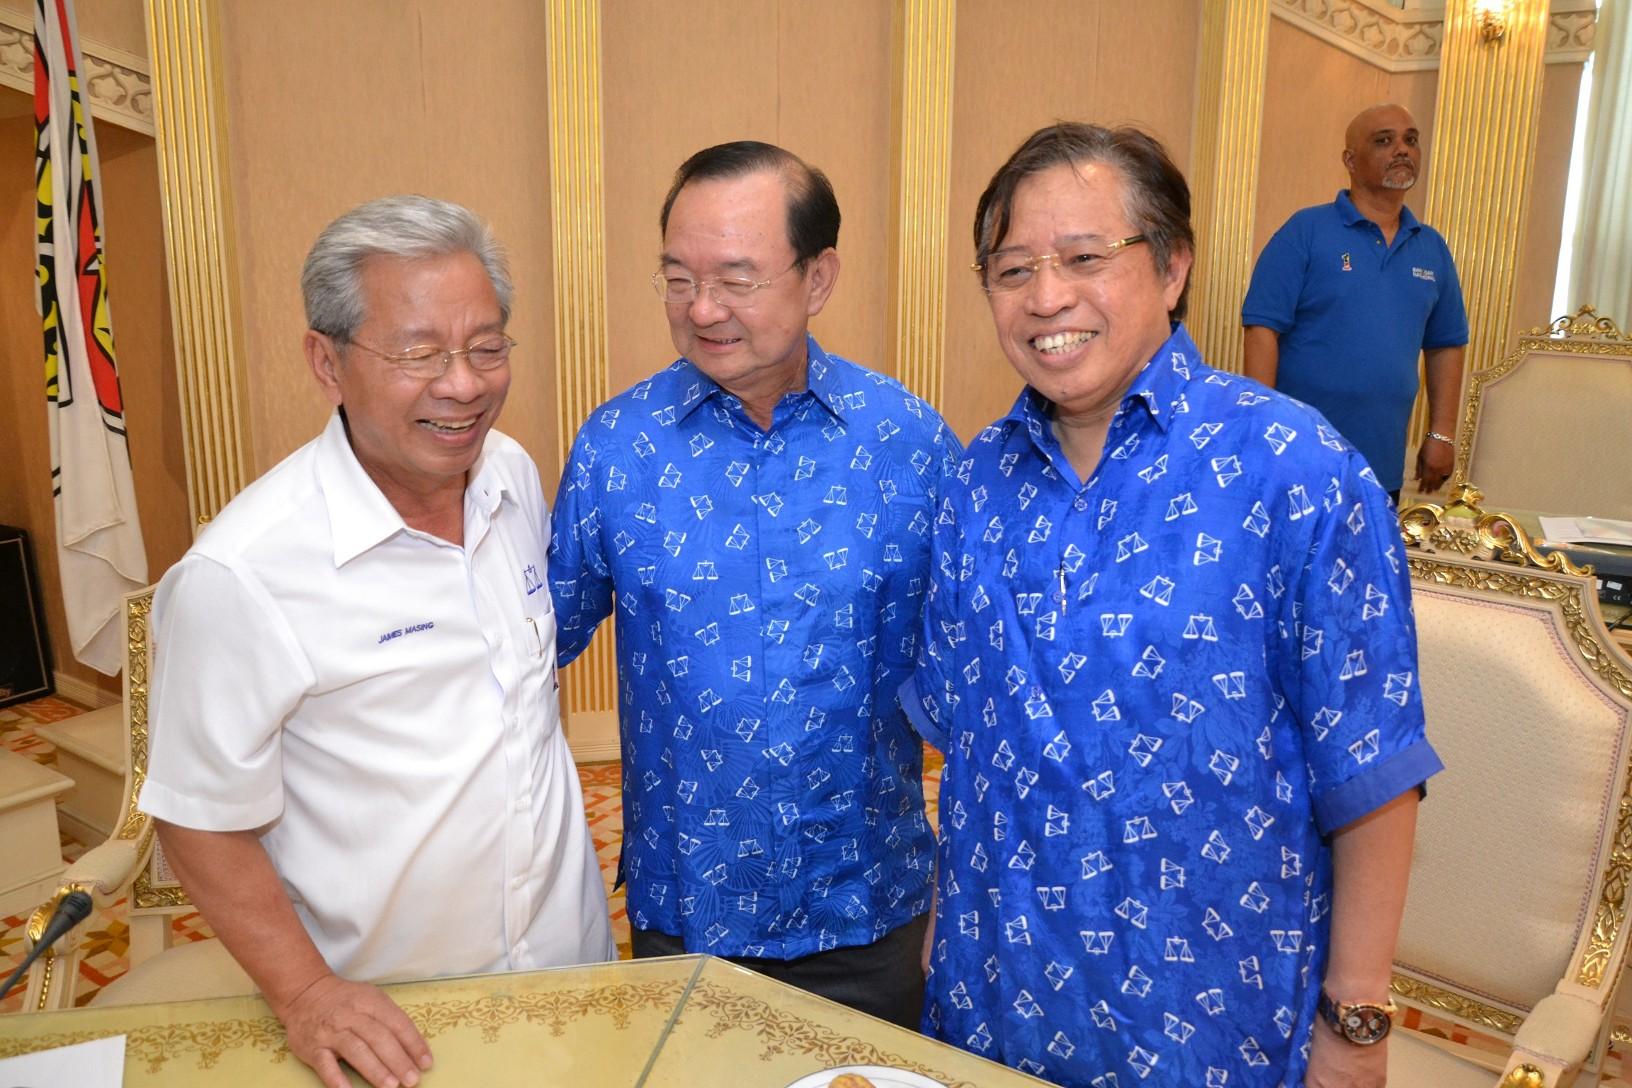 人联党党魁陈华贵(中)与土保党第二署理主席阿邦佐哈里(右)及人民党主席詹玛欣愉快合影。